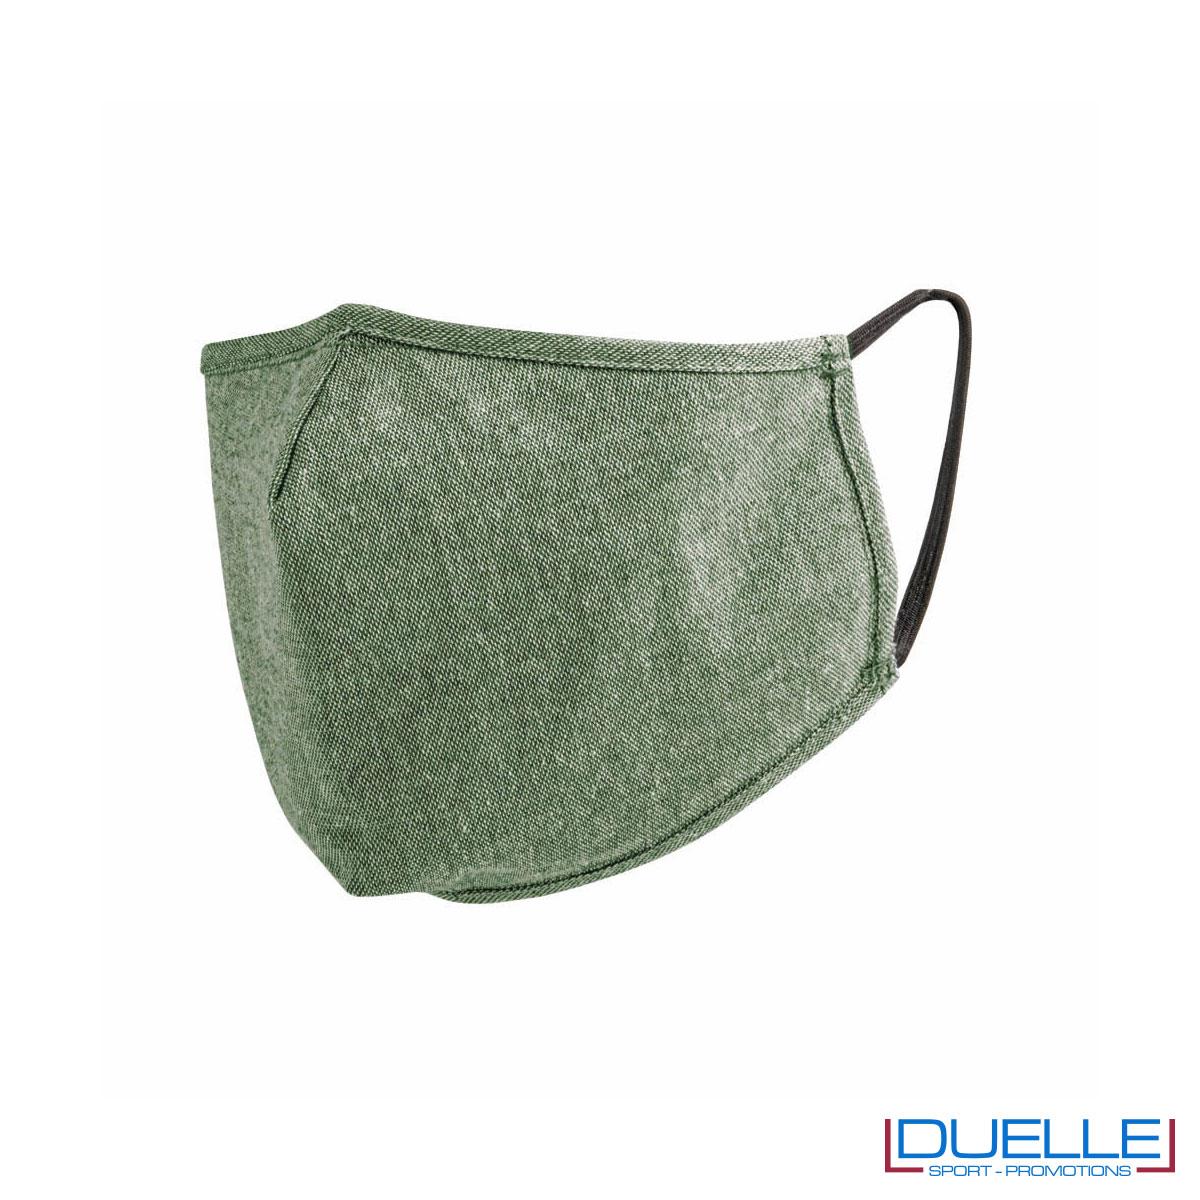 Mascherina protettiva triplo strato lavabile in cotone riciclato colore verde scuro